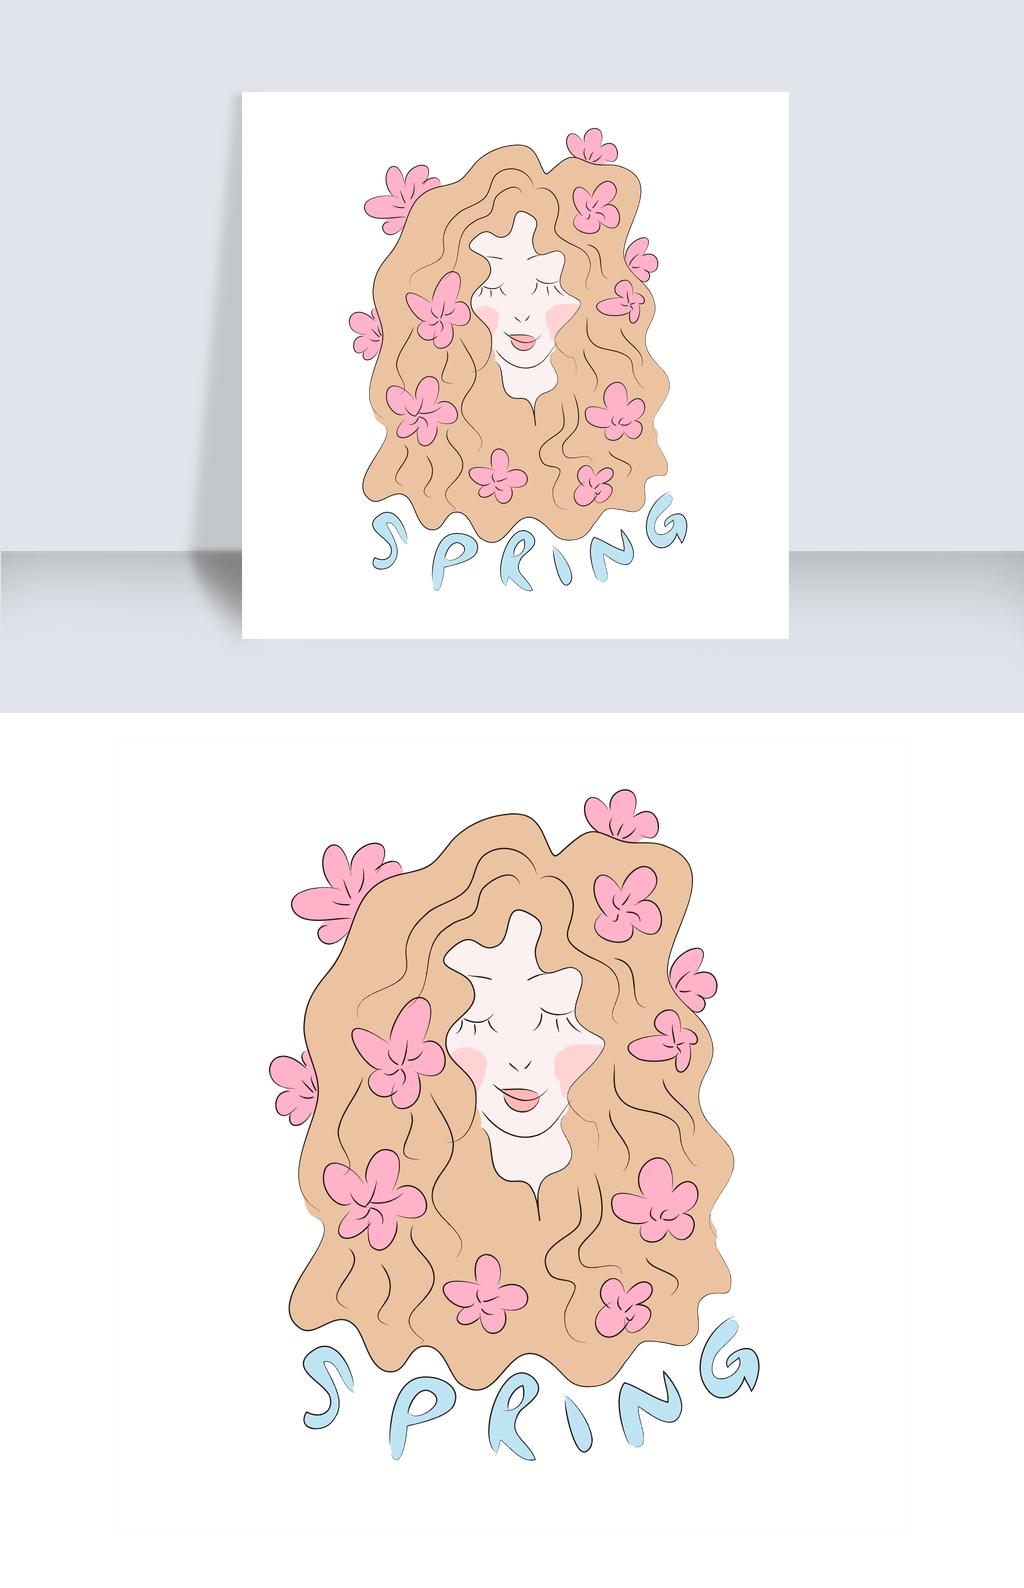 手绘a花朵花朵女生春天春姑娘黑白非女孩头像主流qq漫画图片